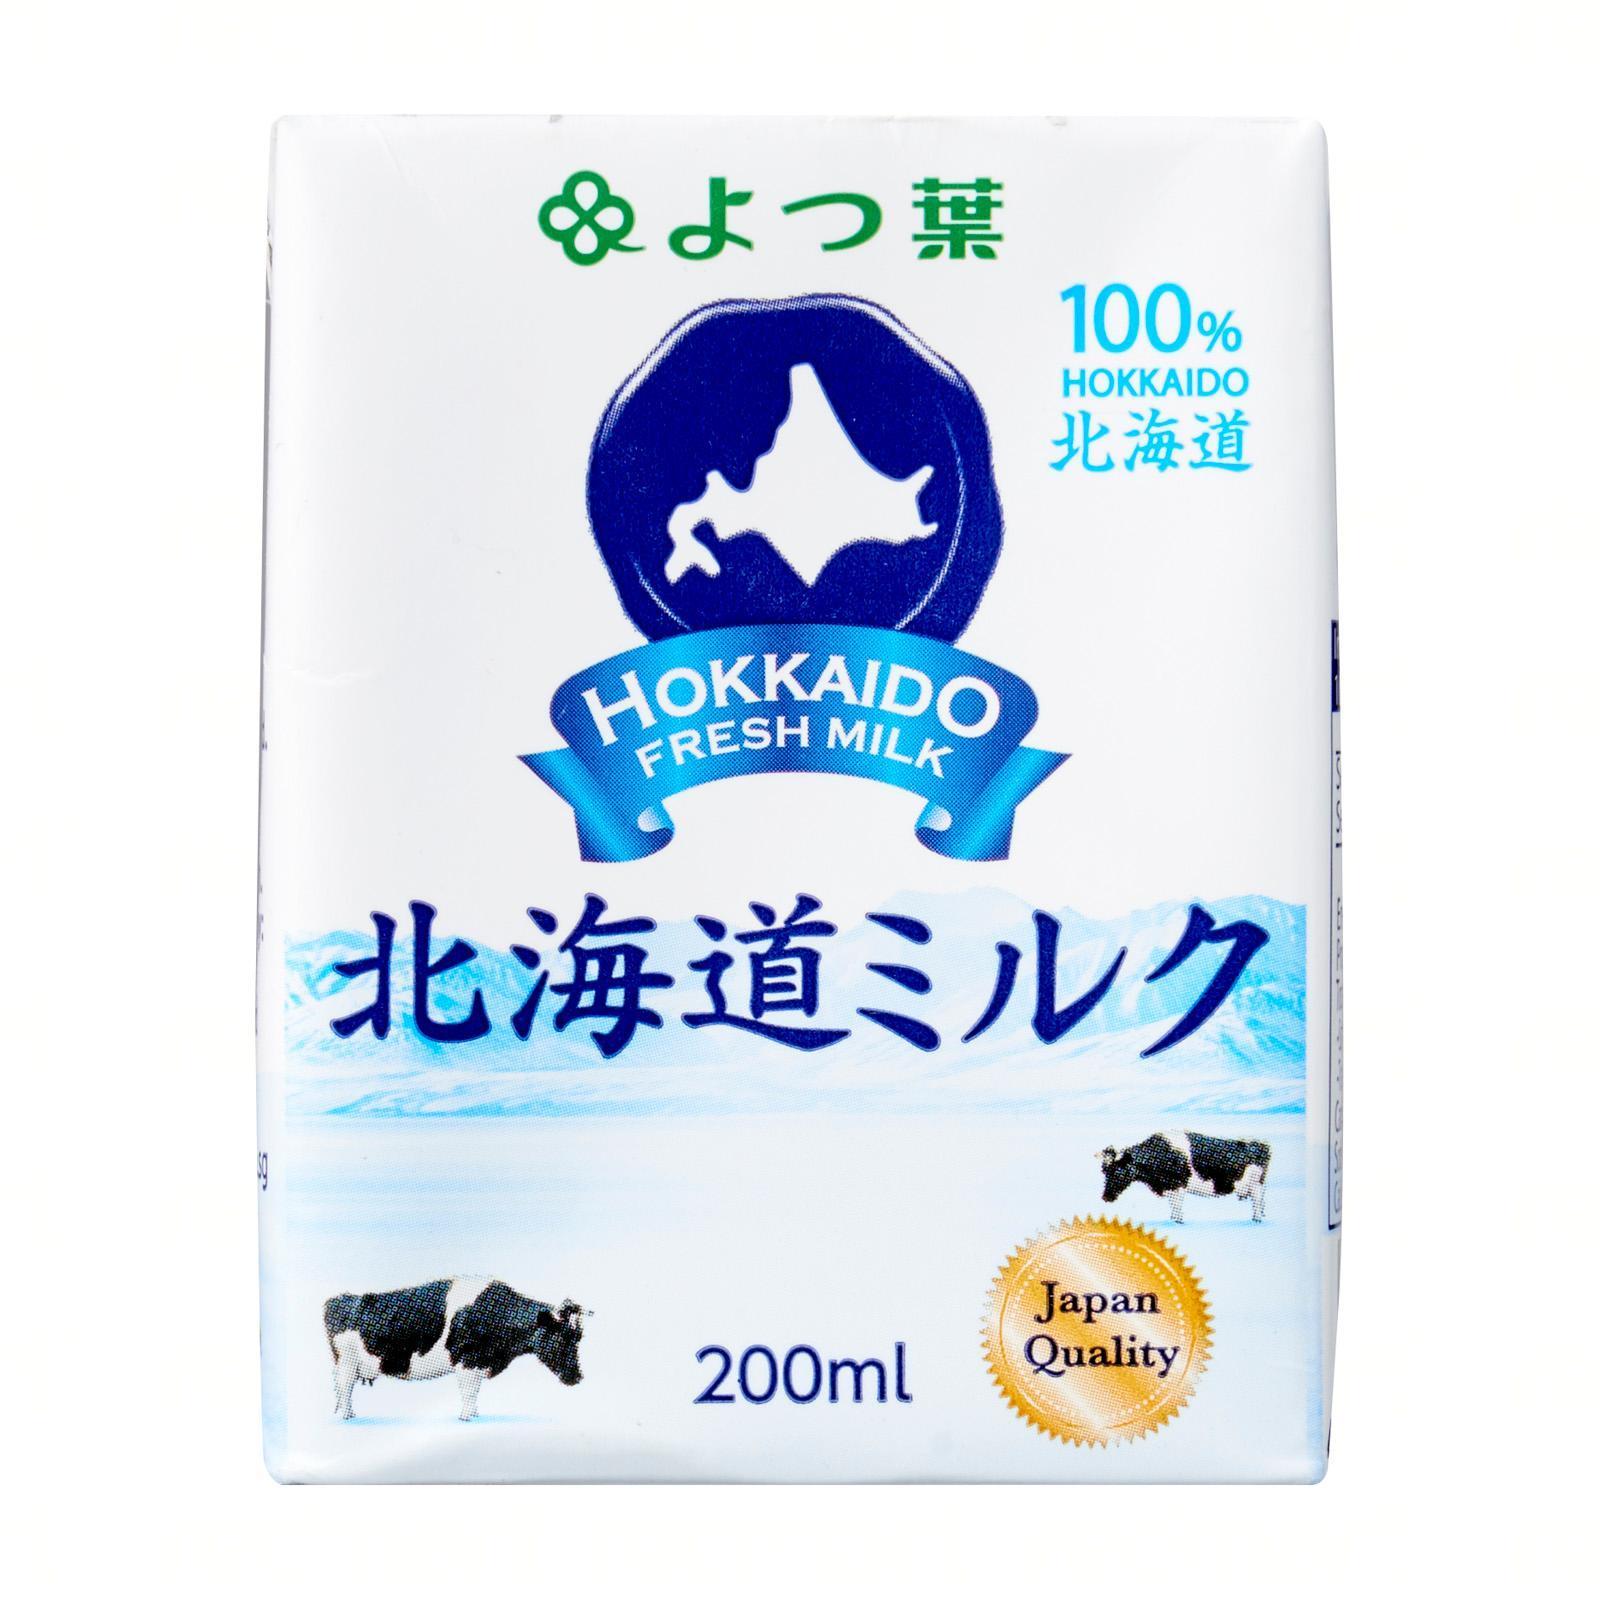 Hokkaido Fresh Milk By Redmart.